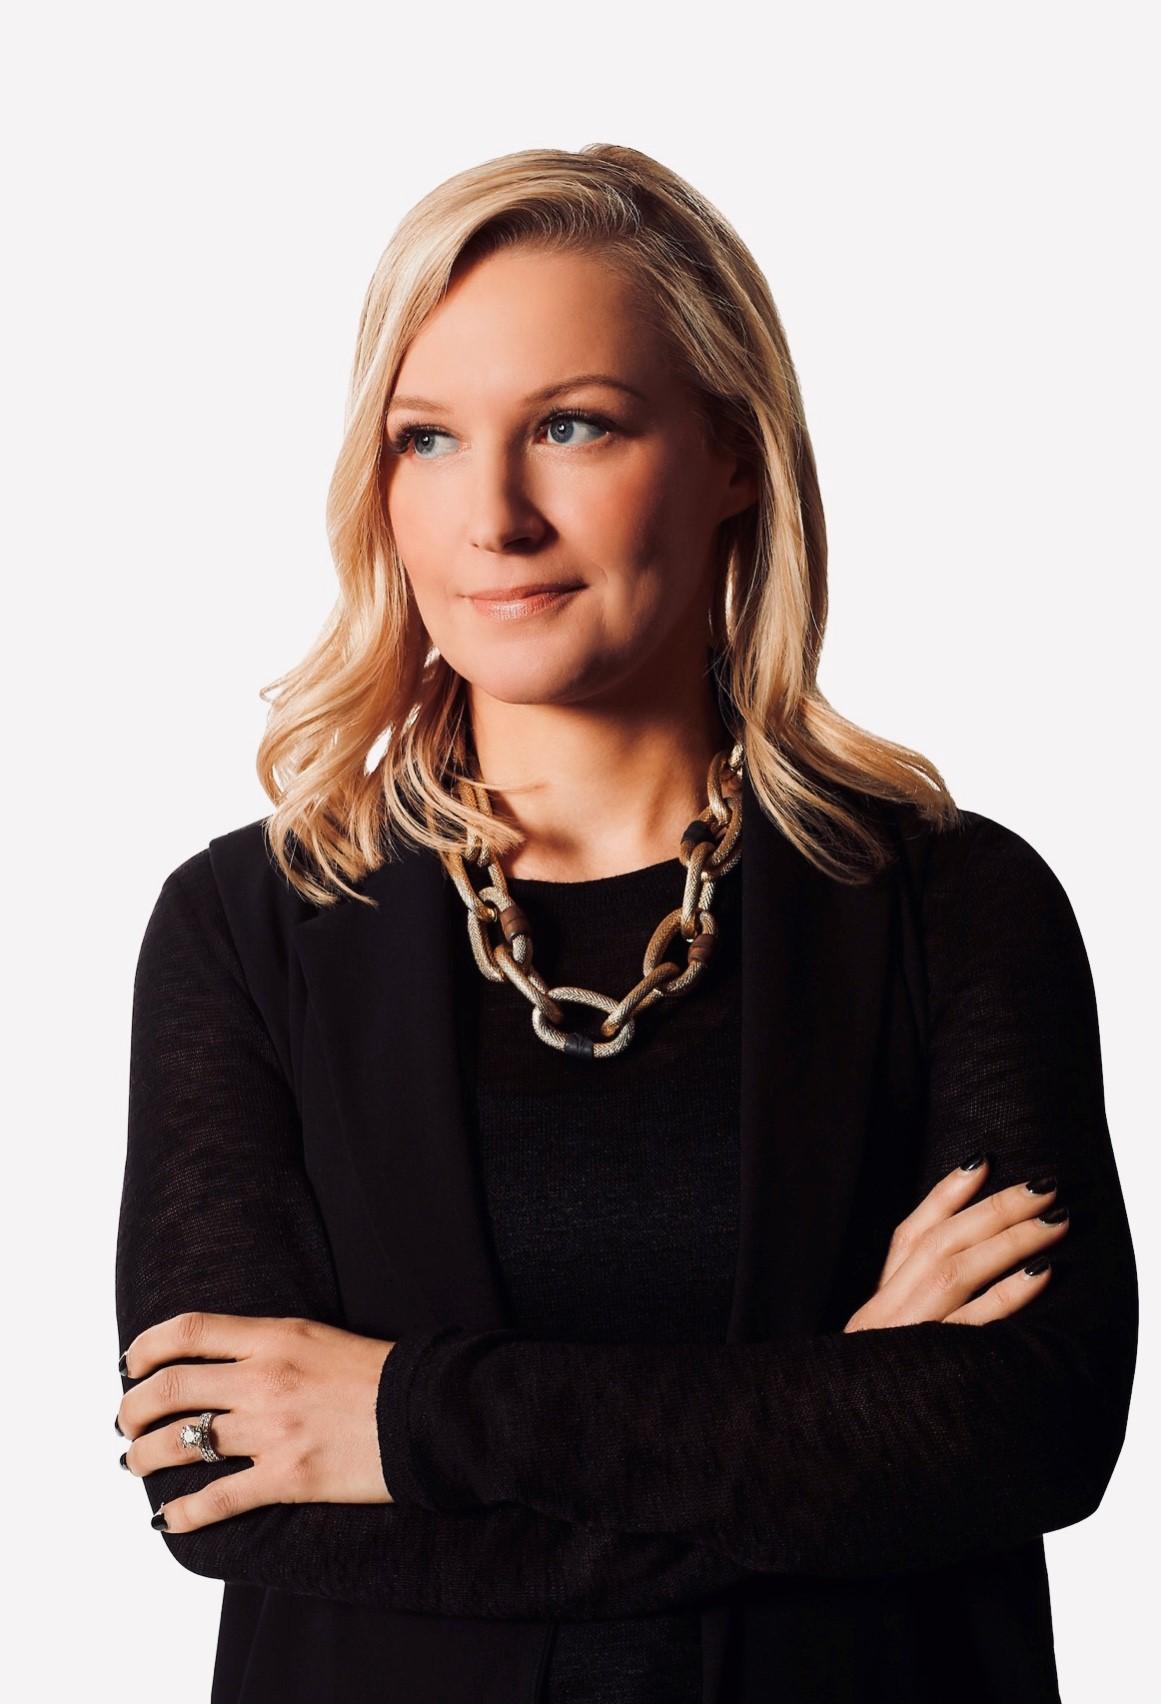 Meg Barron